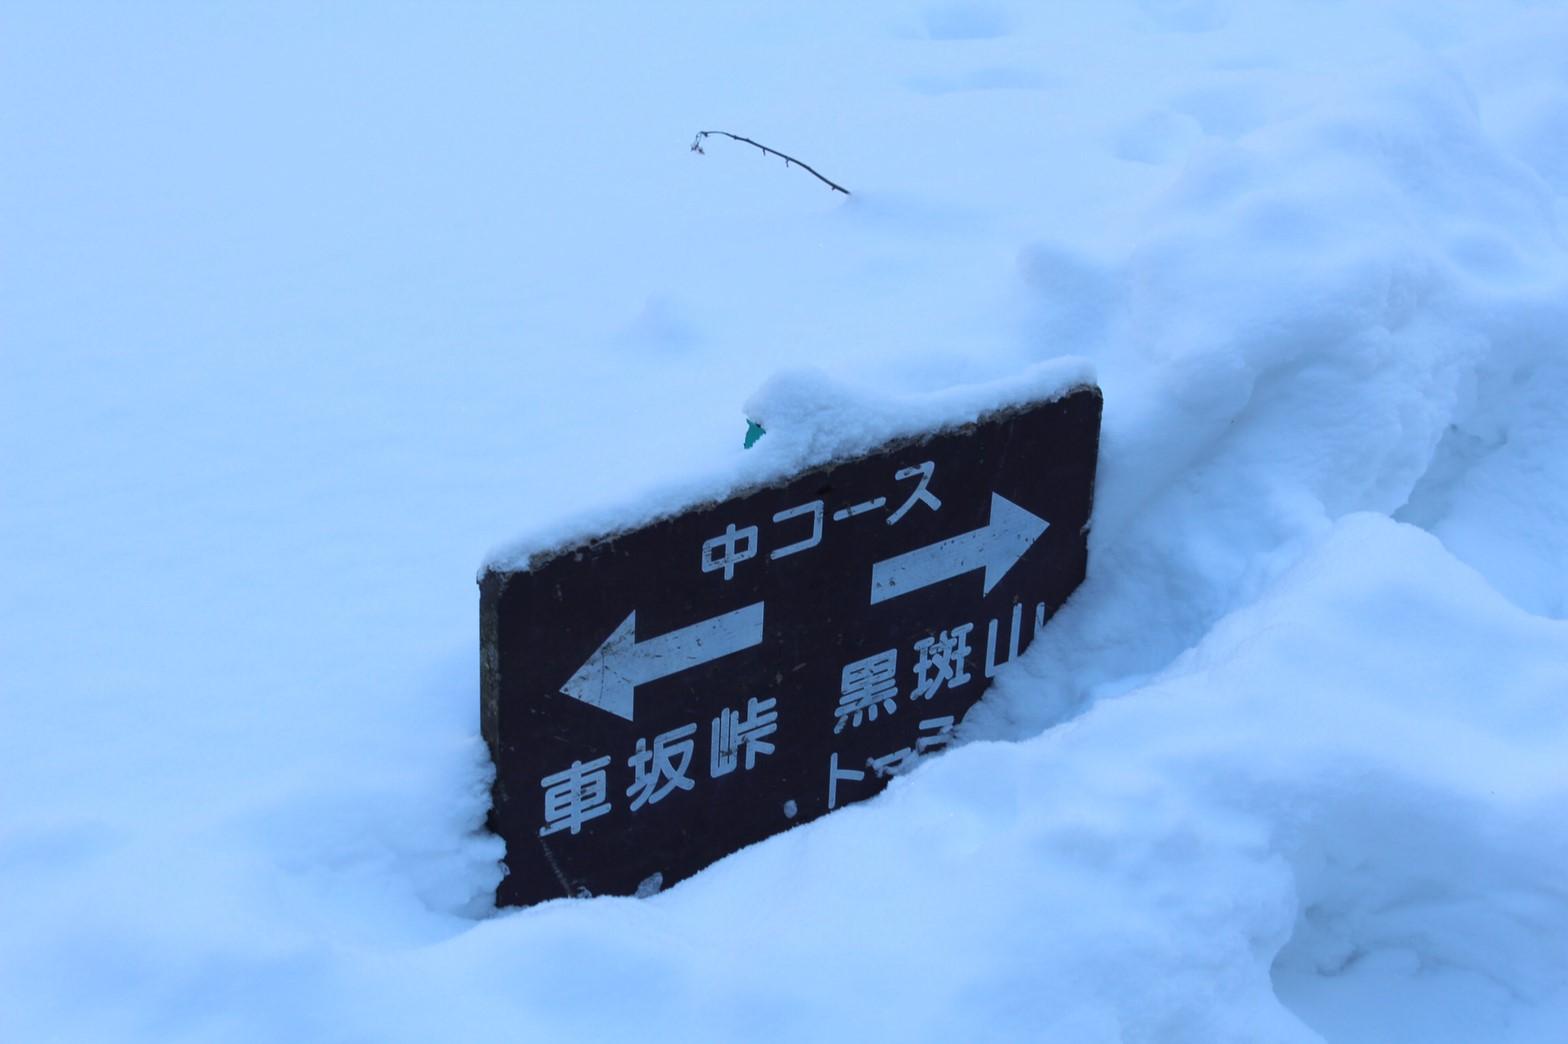 看板が雪で埋もれてます。